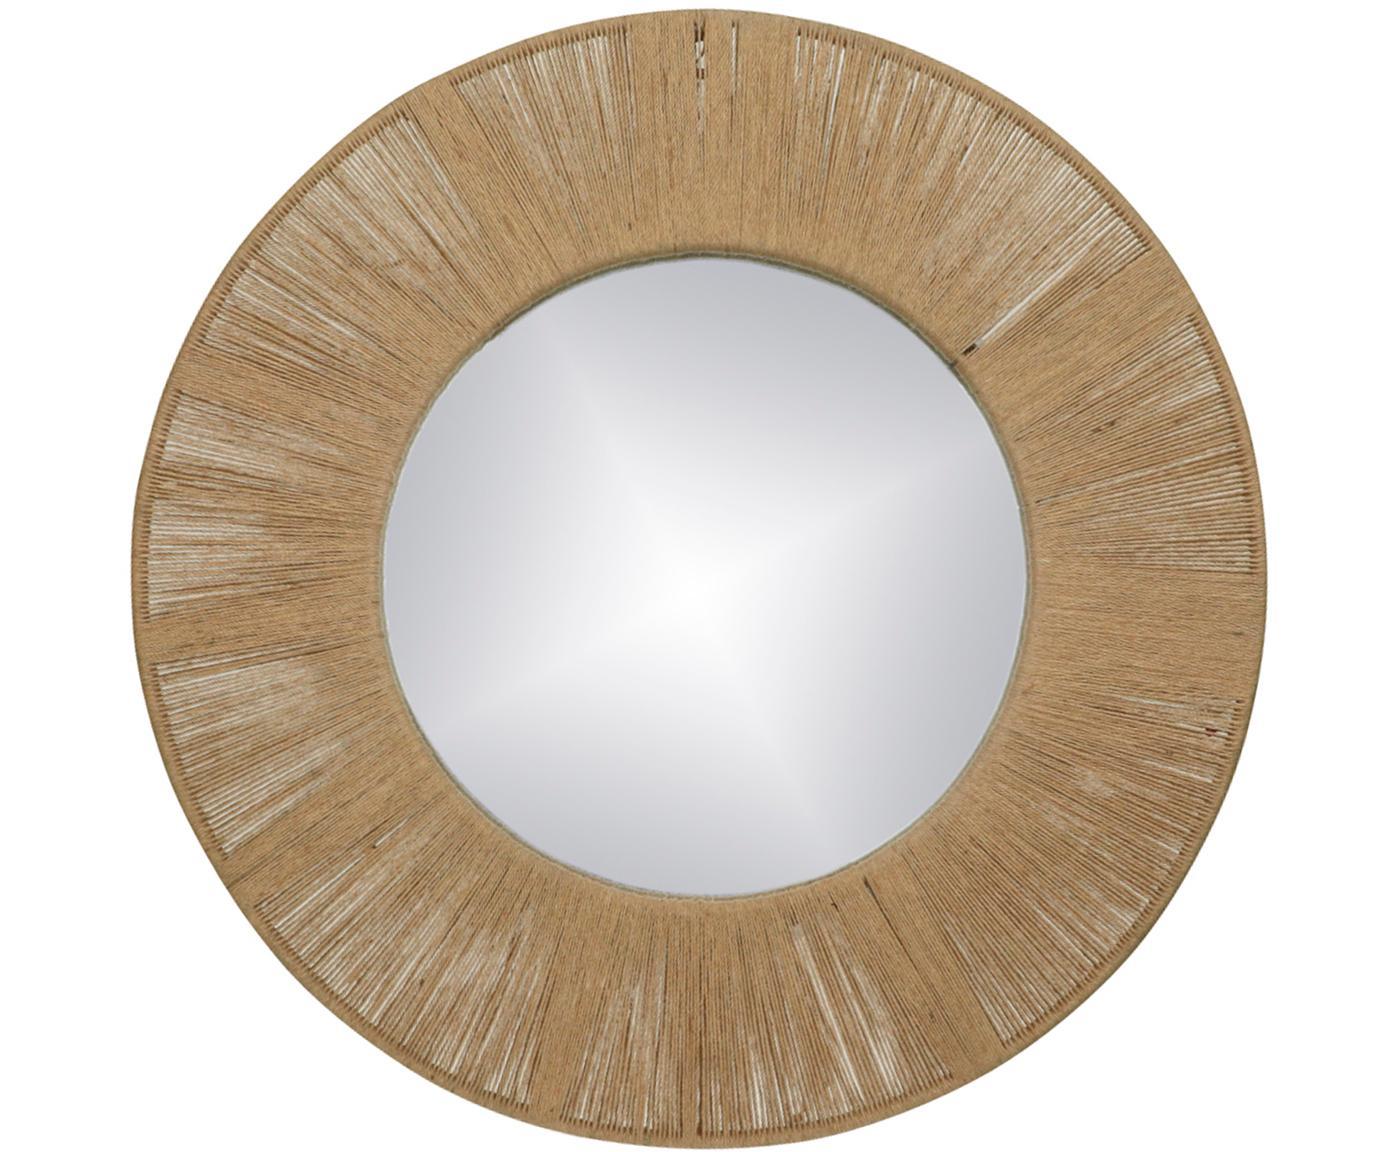 Runder Wandspiegel Finesse mit Rahmen aus Naturfasern, Rahmen: Metall, Naturfaser, Spiegelfläche: Spiegelglas, Braun, Ø 50 cm